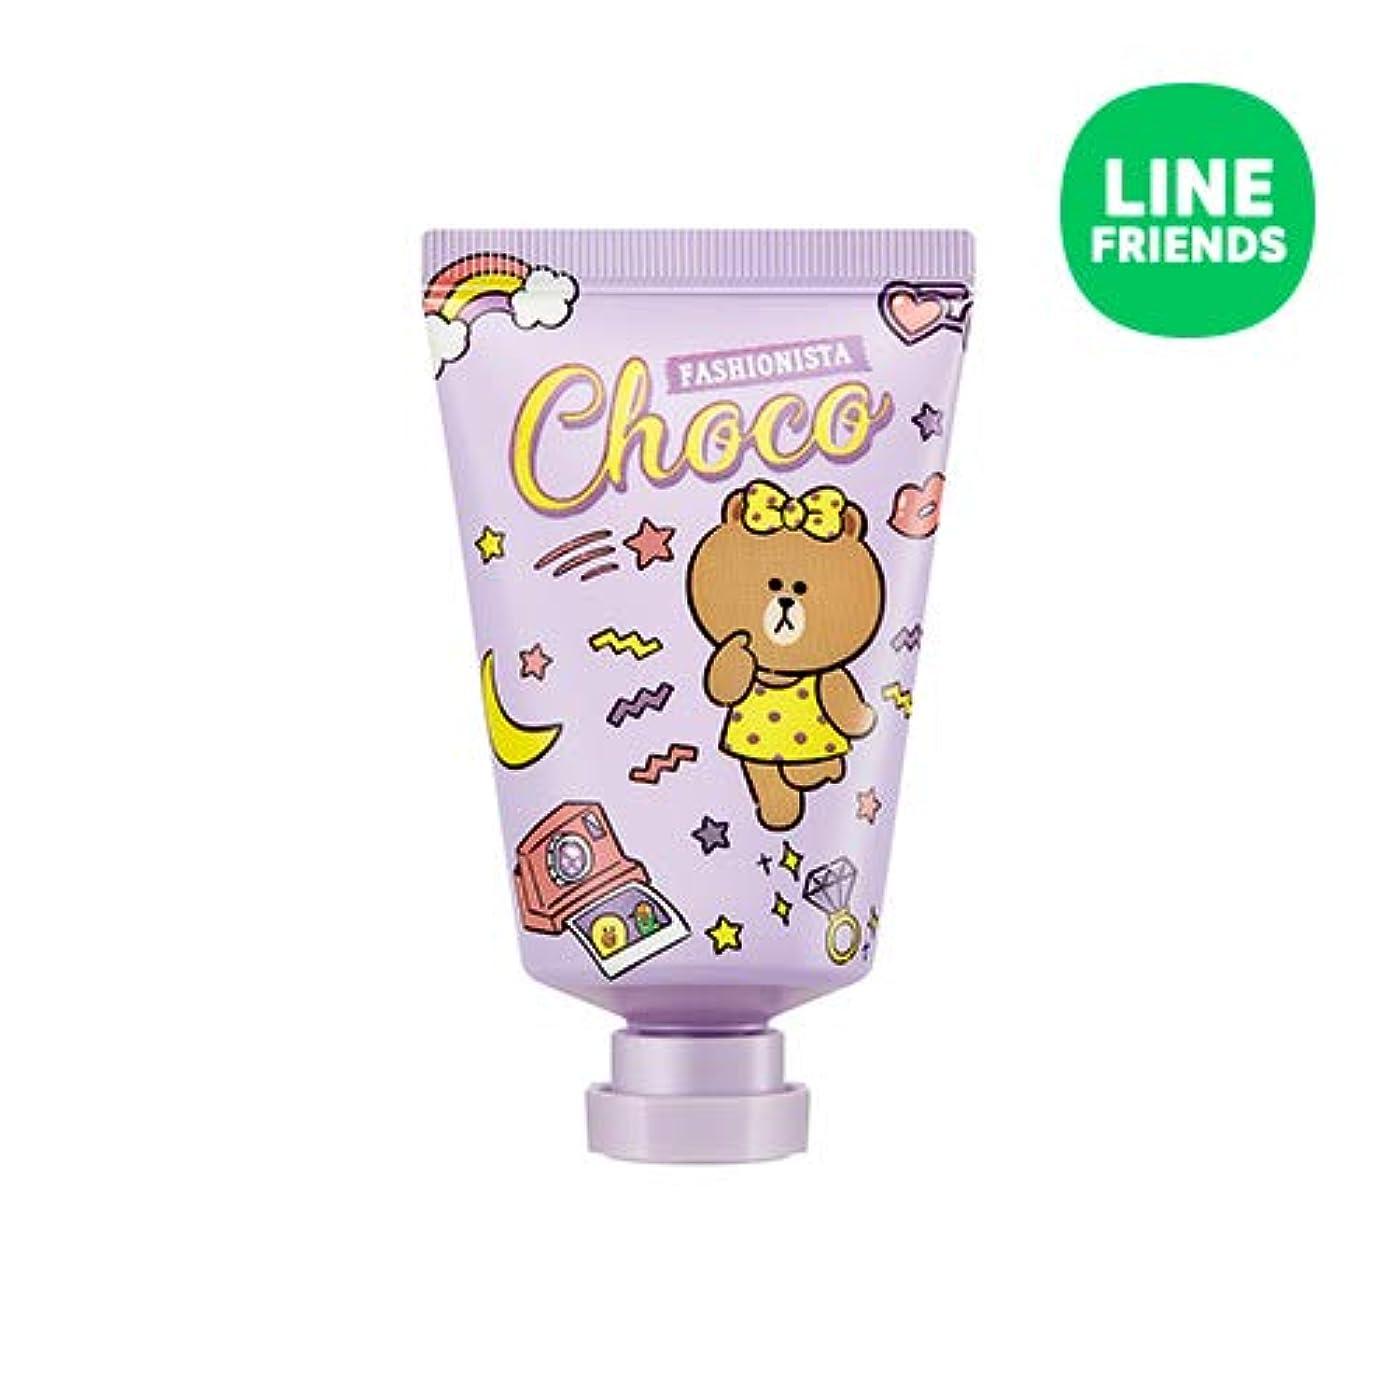 速度散文不足ミシャ(ラインフレンズ)ラブシークレットハンドクリーム 30ml MISSHA [Line Friends Edition] Love Secret Hand Cream - Choco # Pitch Cocktail...